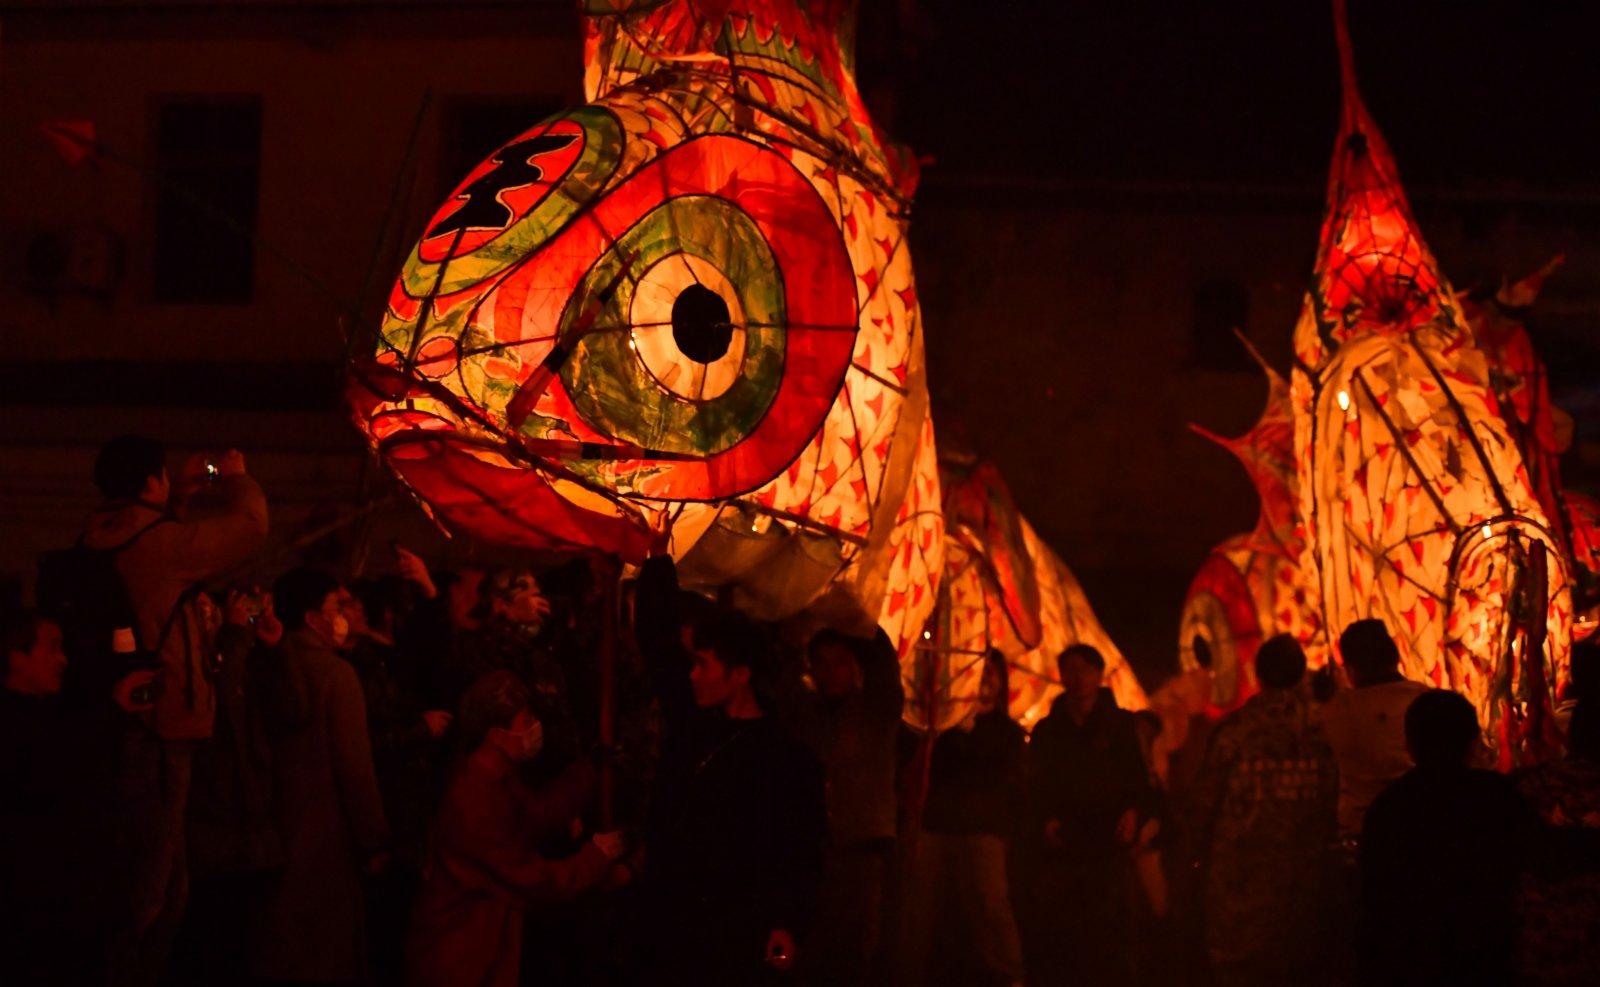 在安徽省黃山市歙縣溪頭鎮汪滿田村,遊客和村民嬉魚燈。(新華社)